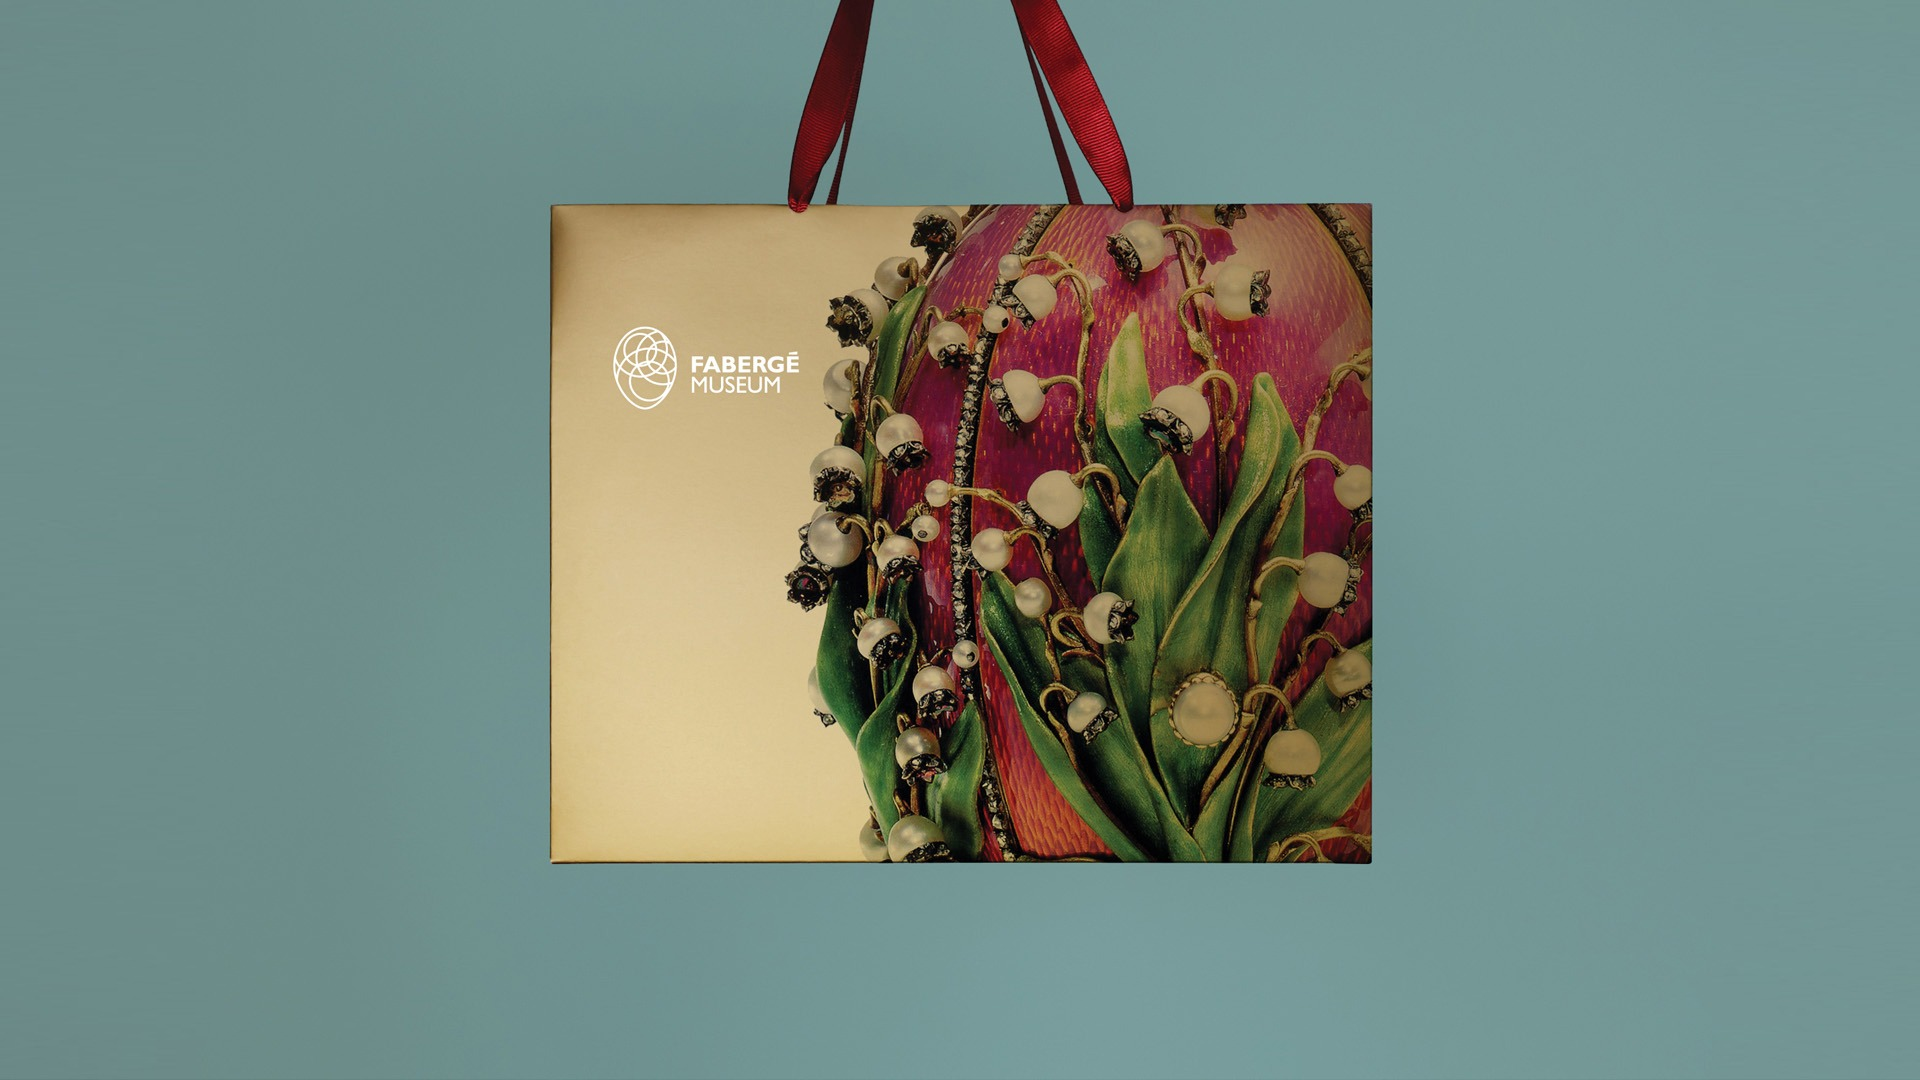 Агентство Асгард, дизайн сувенирных пакетов, брендинг, Музей Фаберже, Faberge Museum branding